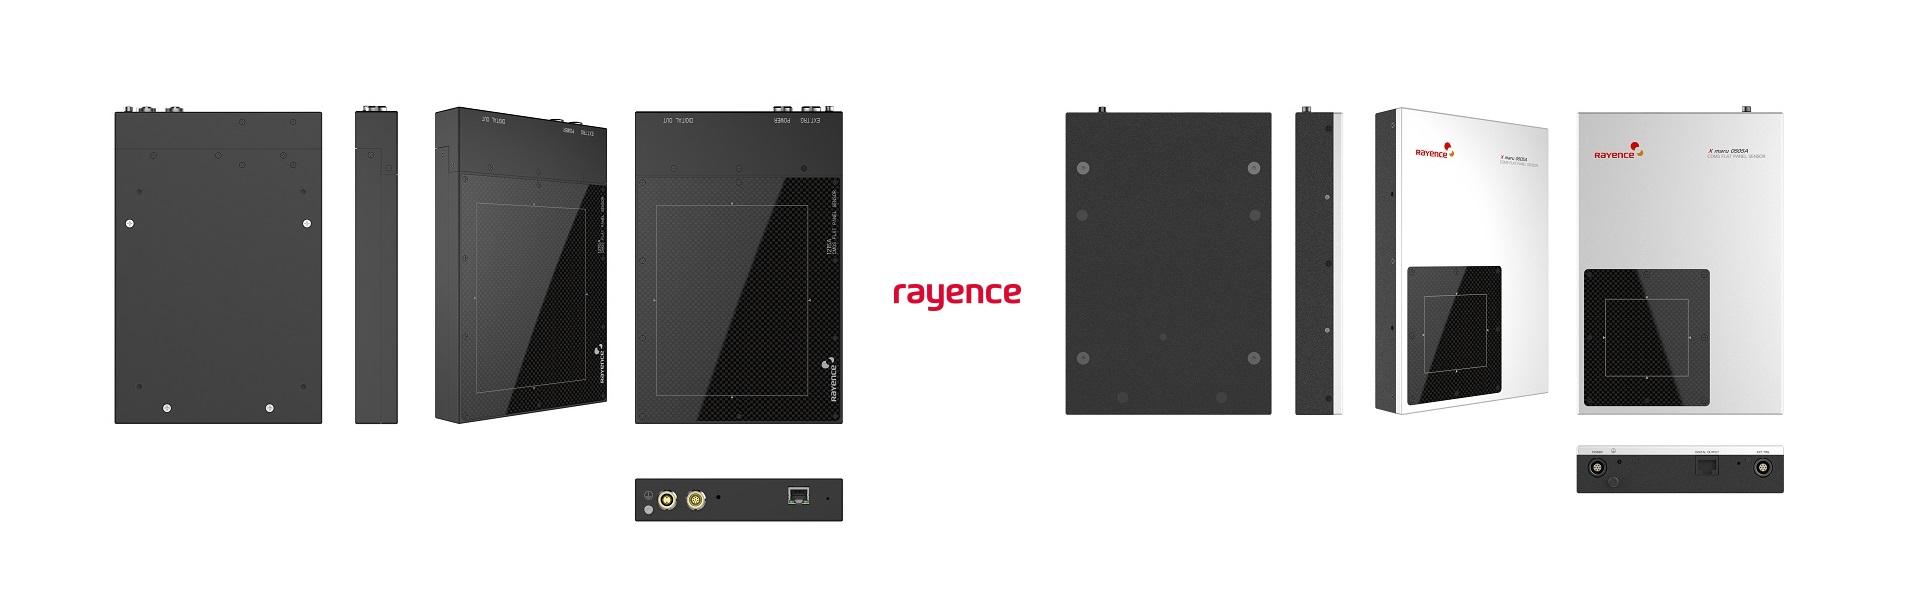 rayence 0505A & 1215A